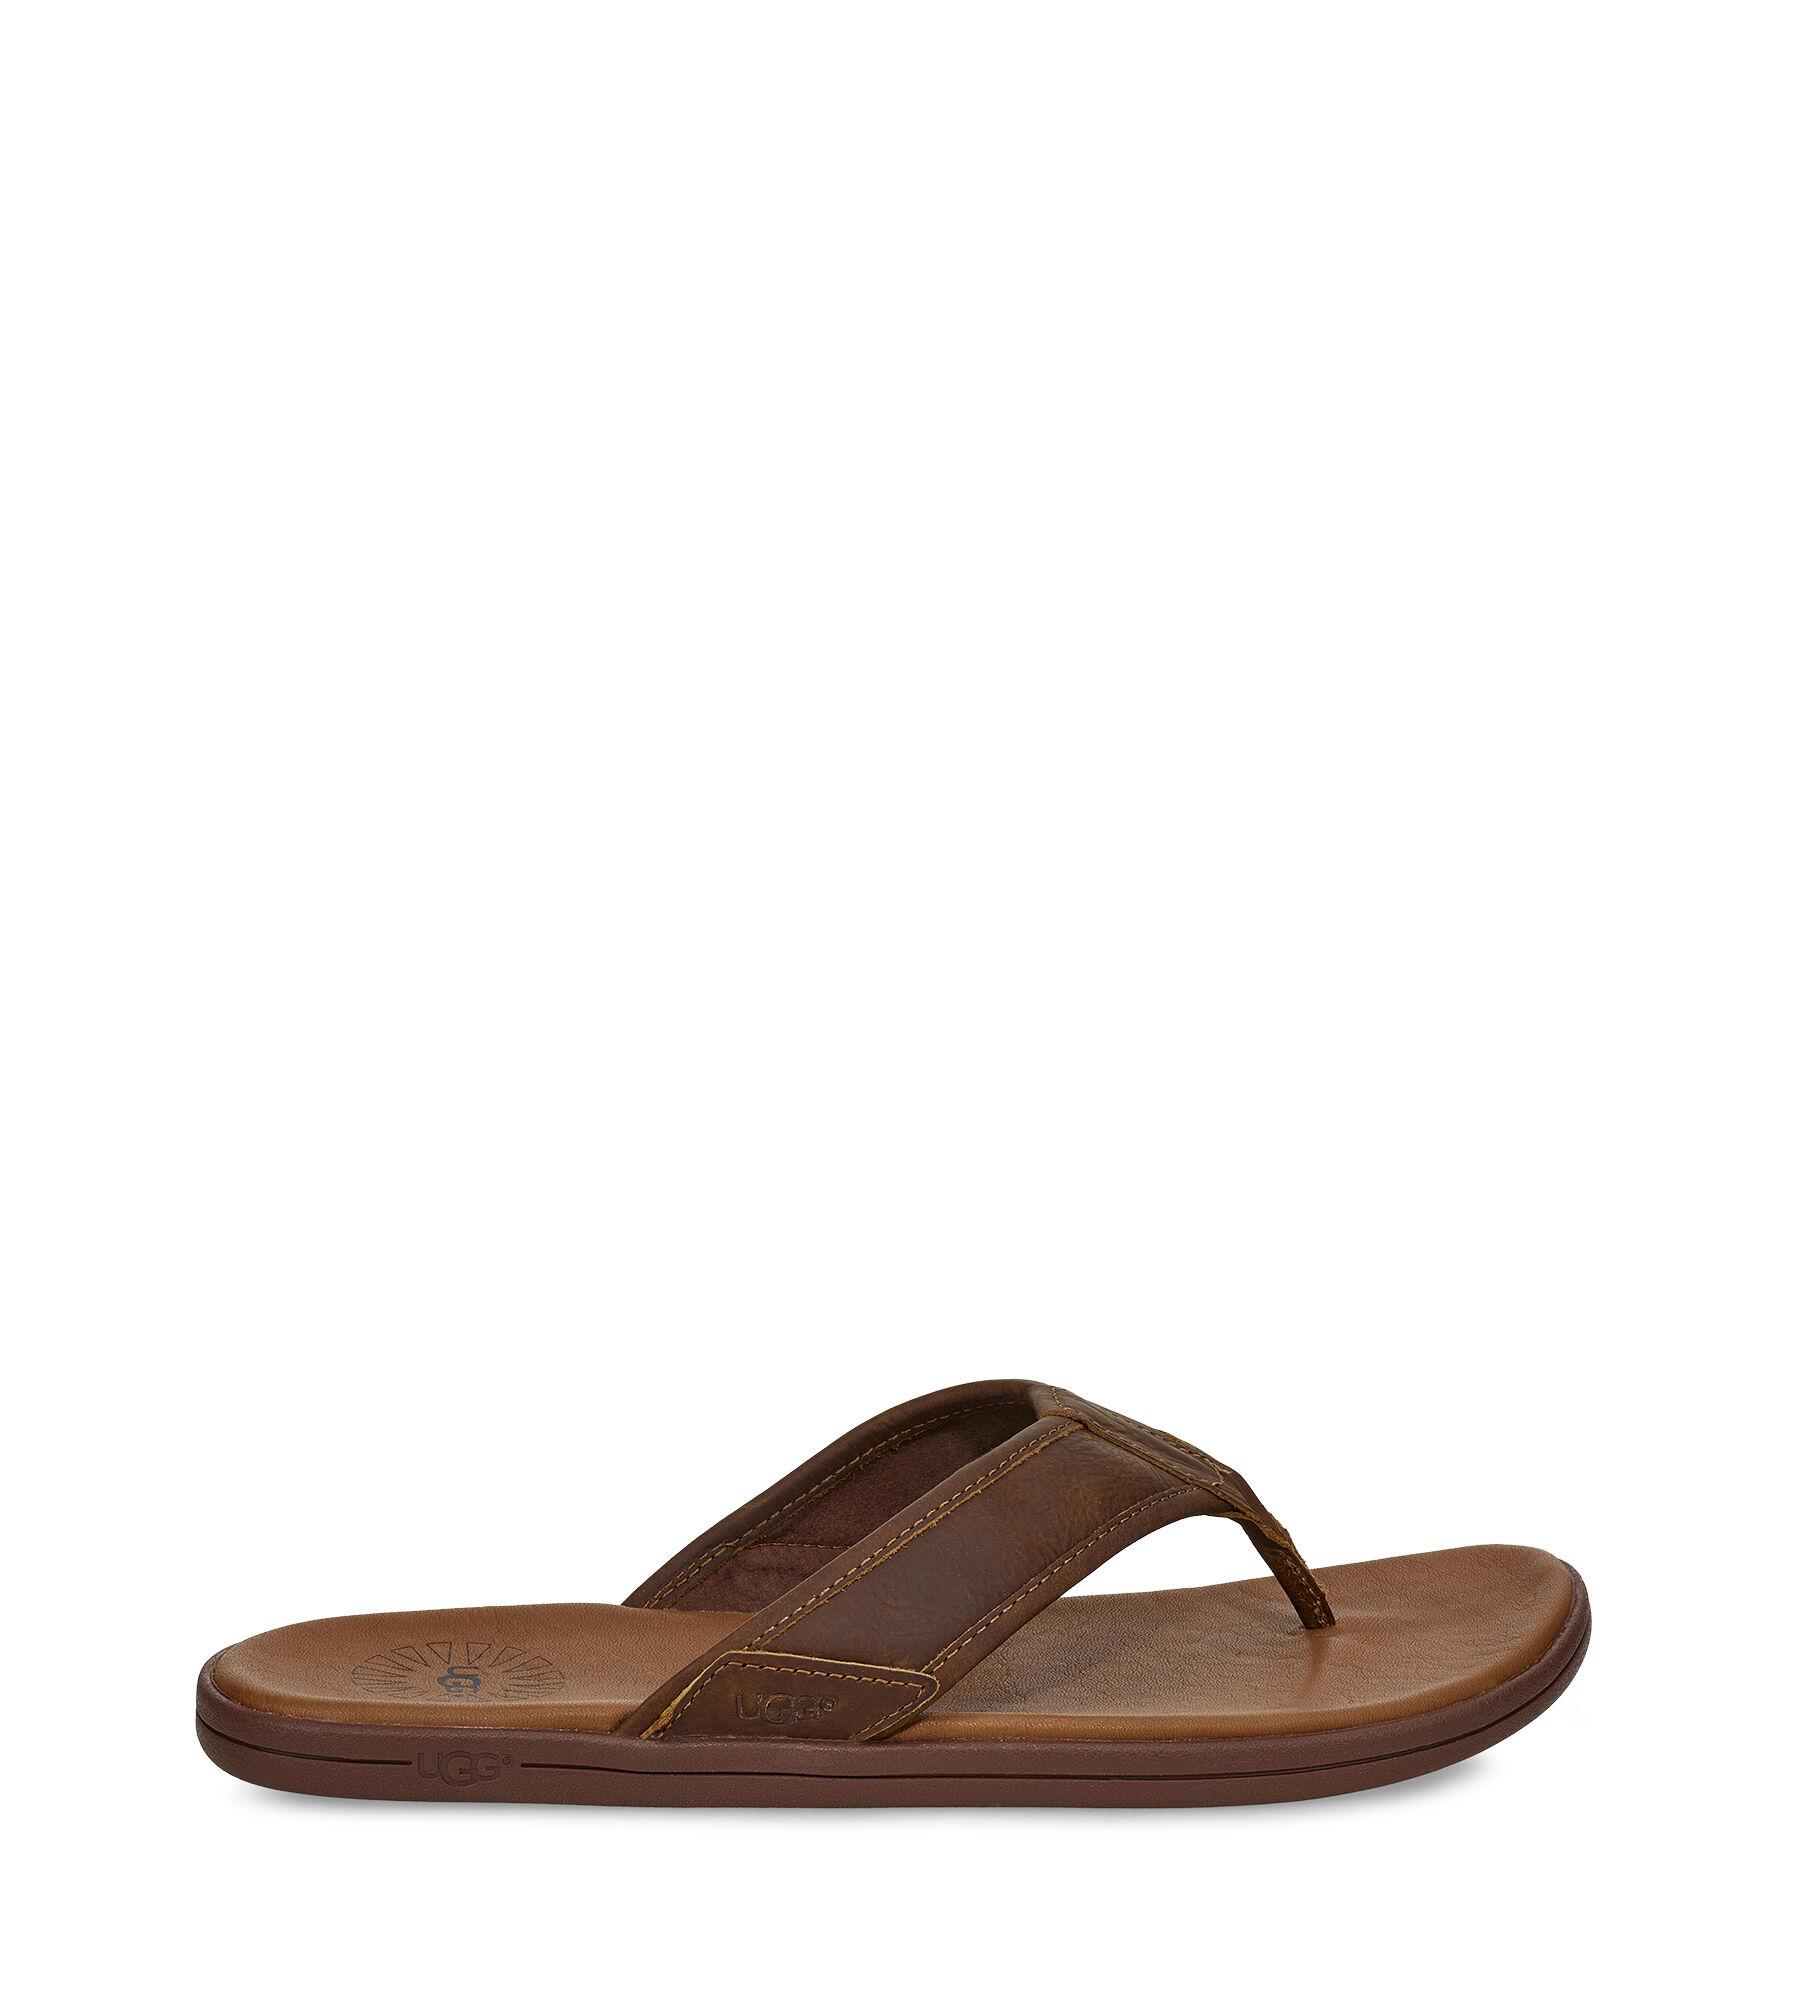 ugg flip flop slippers sale